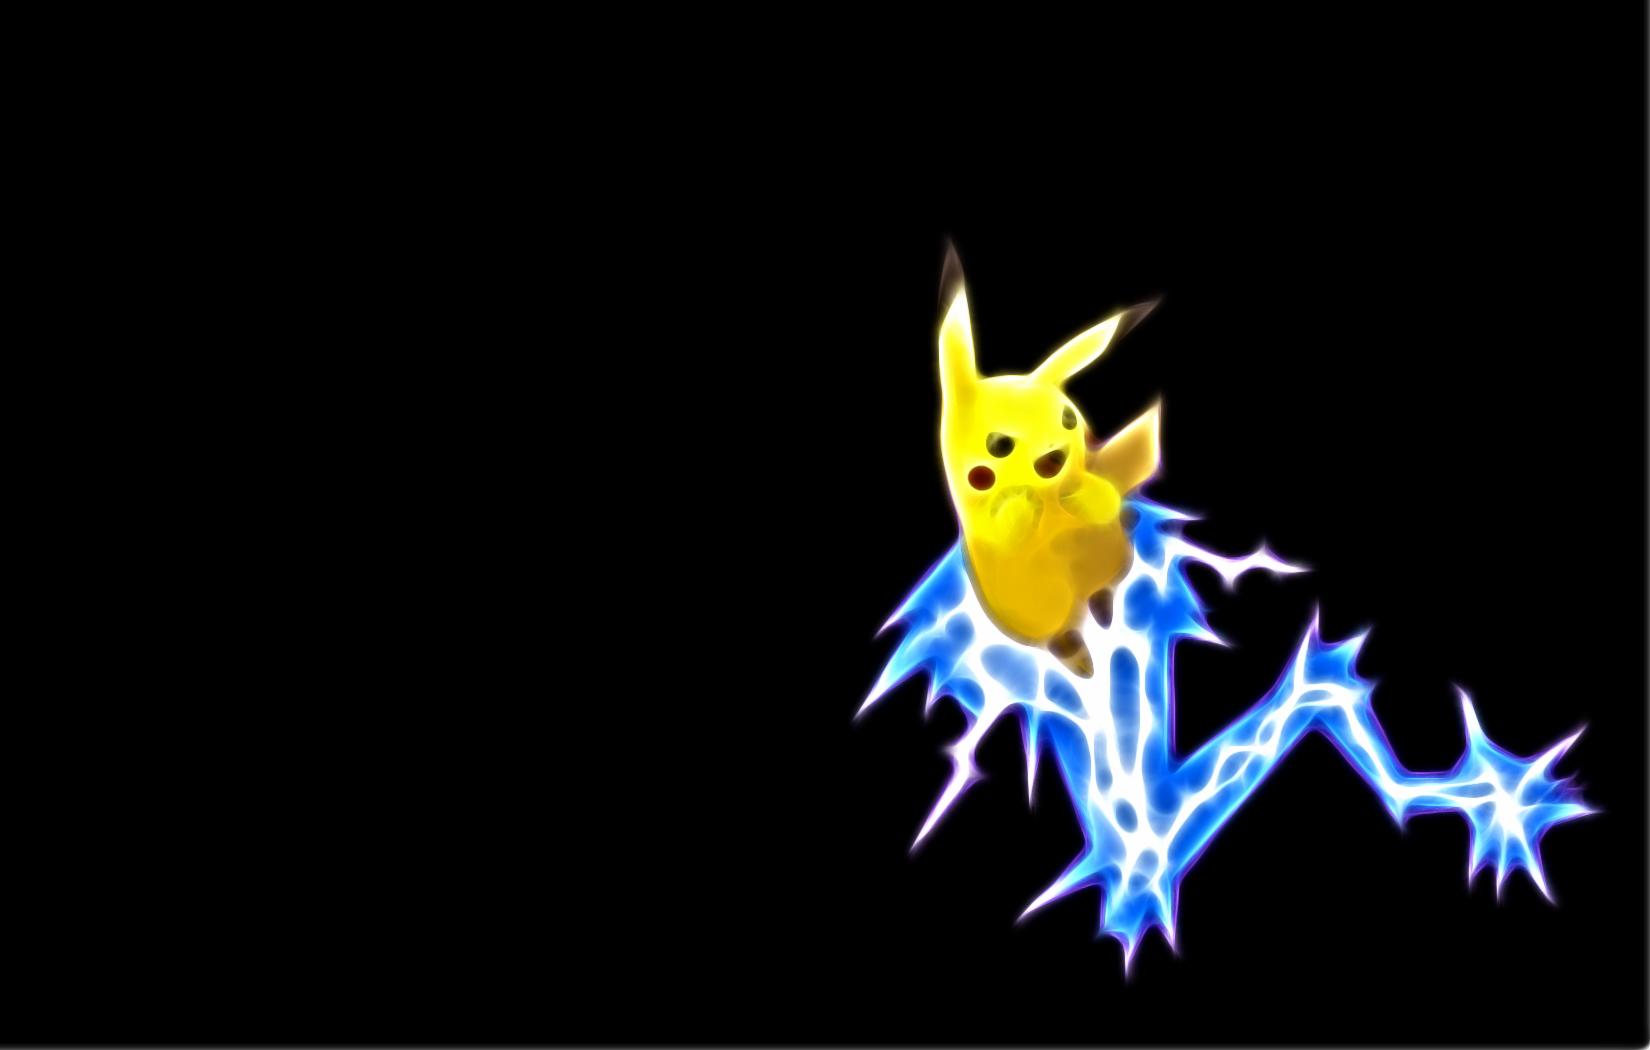 Pokemon Pikachu Wallpaper 1650x1050 Pokemon Pikachu Black 1650x1050